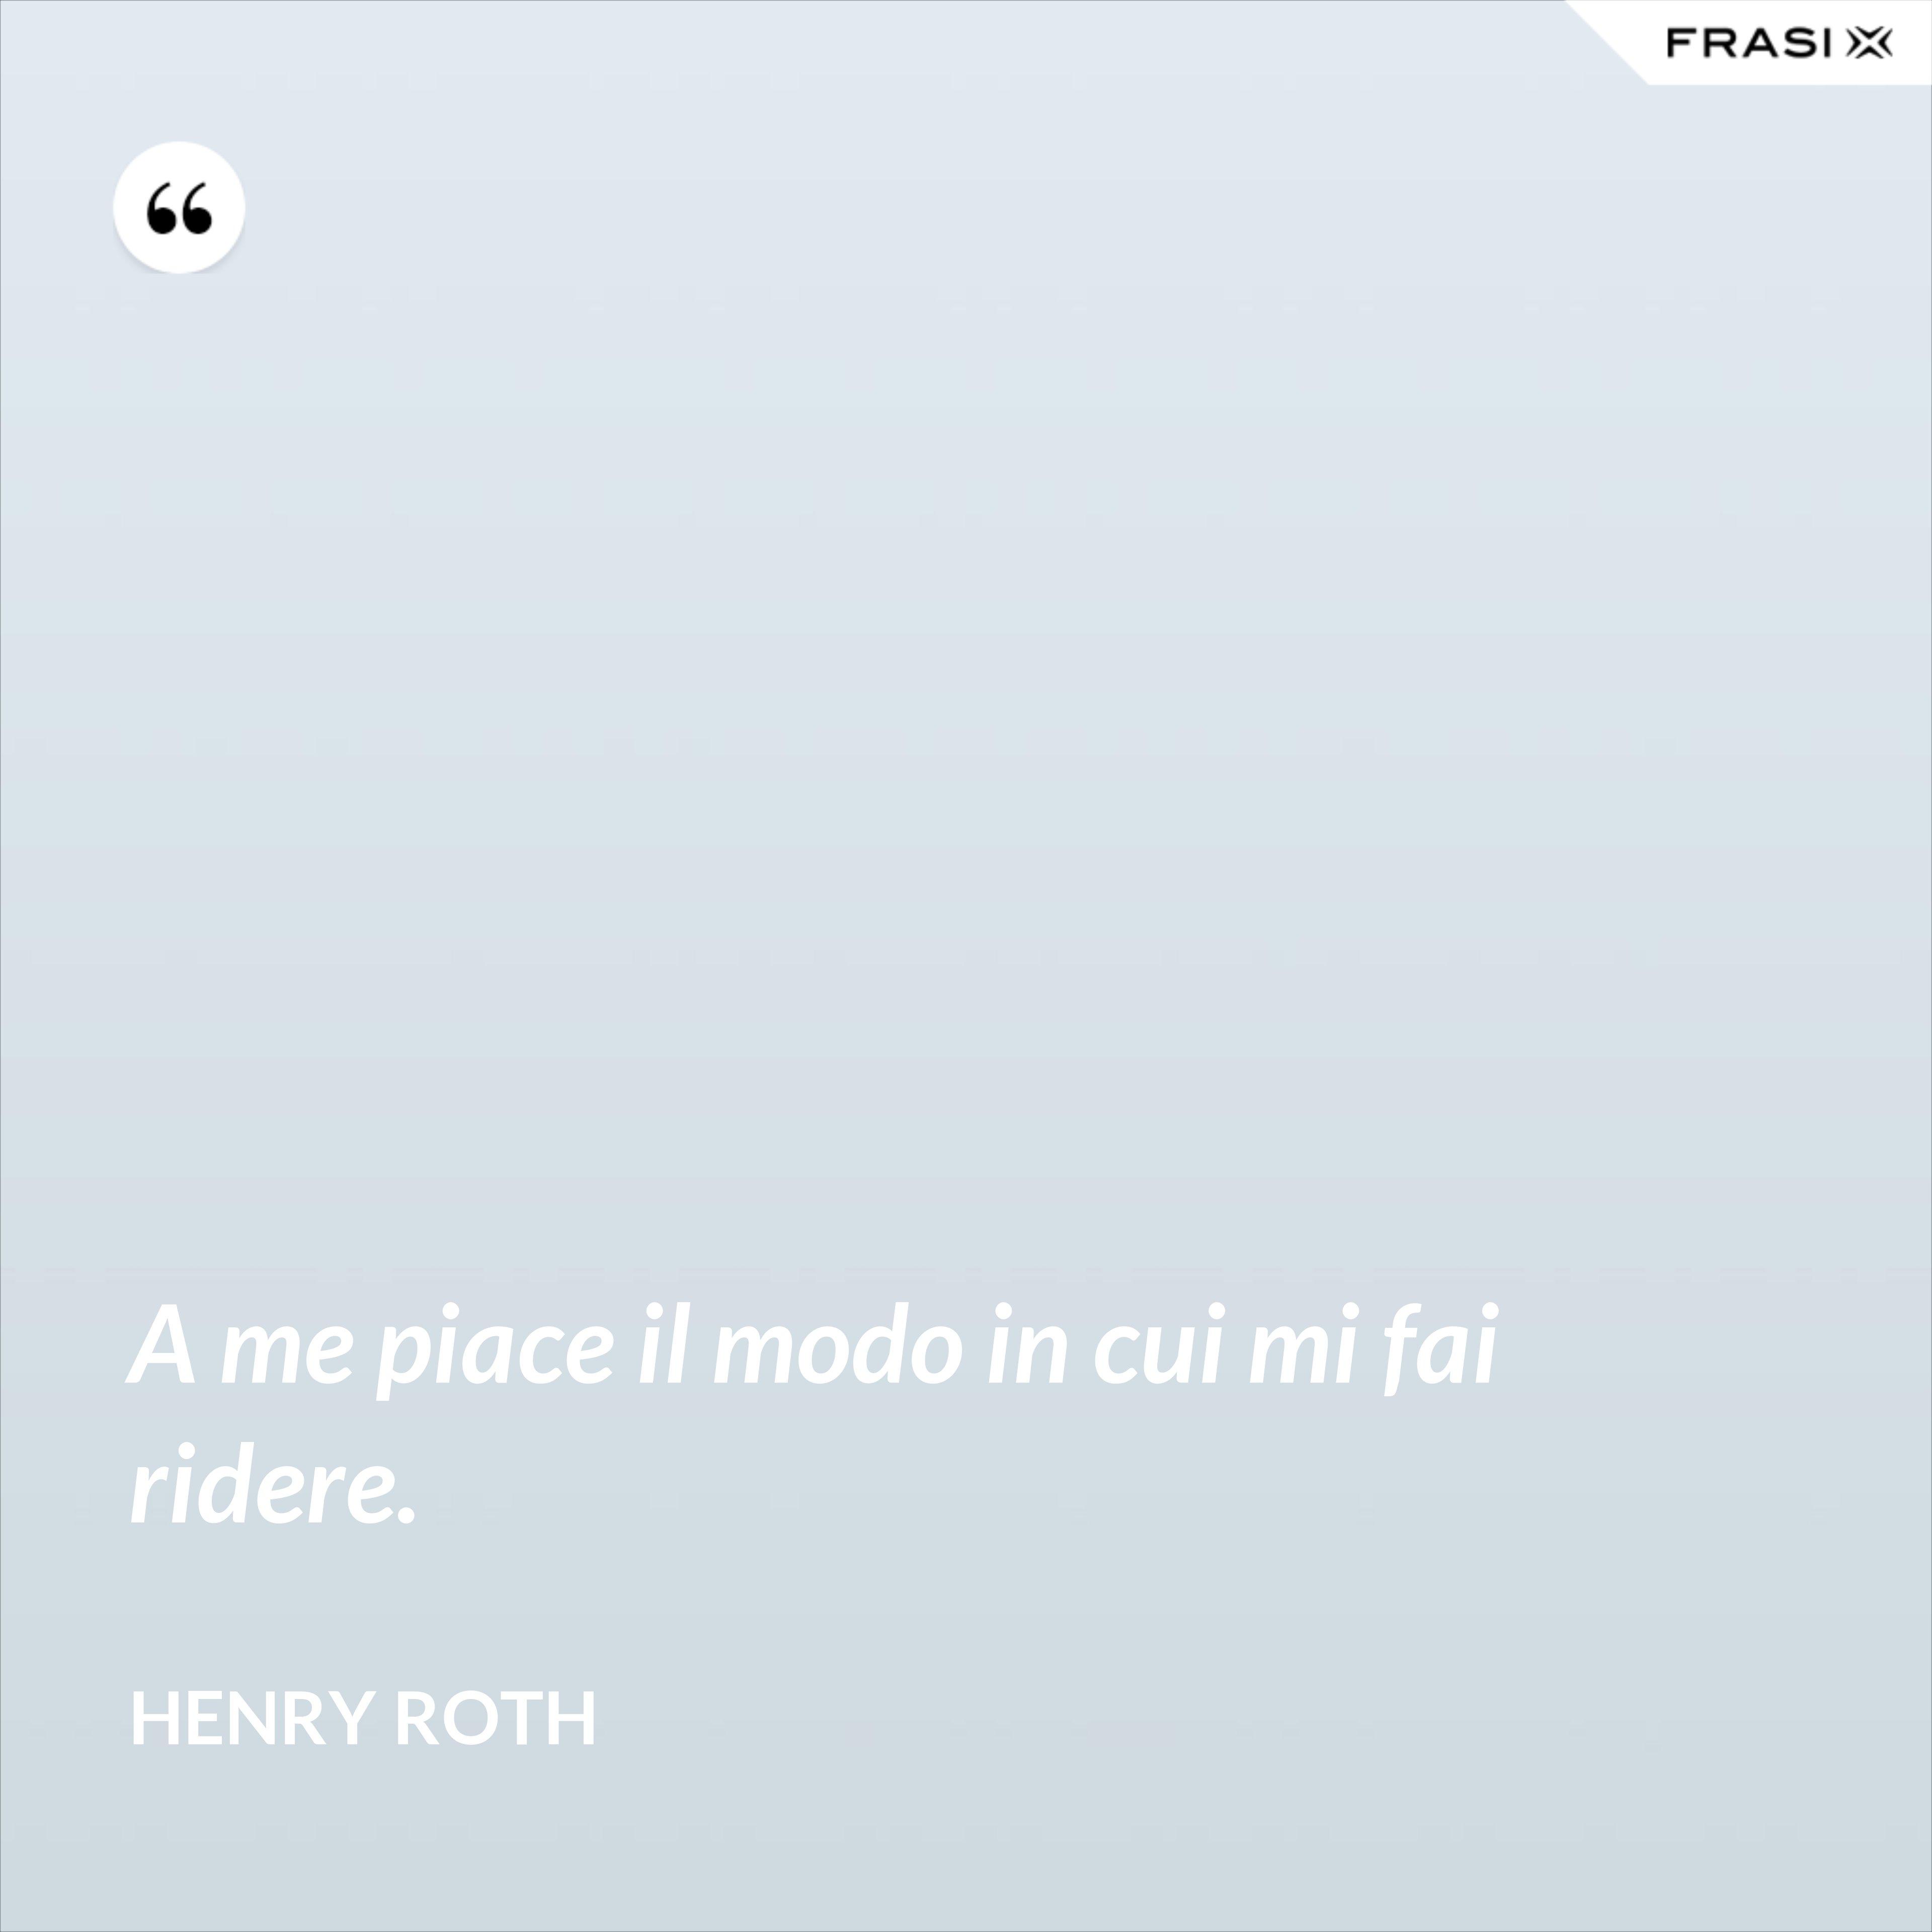 A me piace il modo in cui mi fai ridere. - Henry Roth